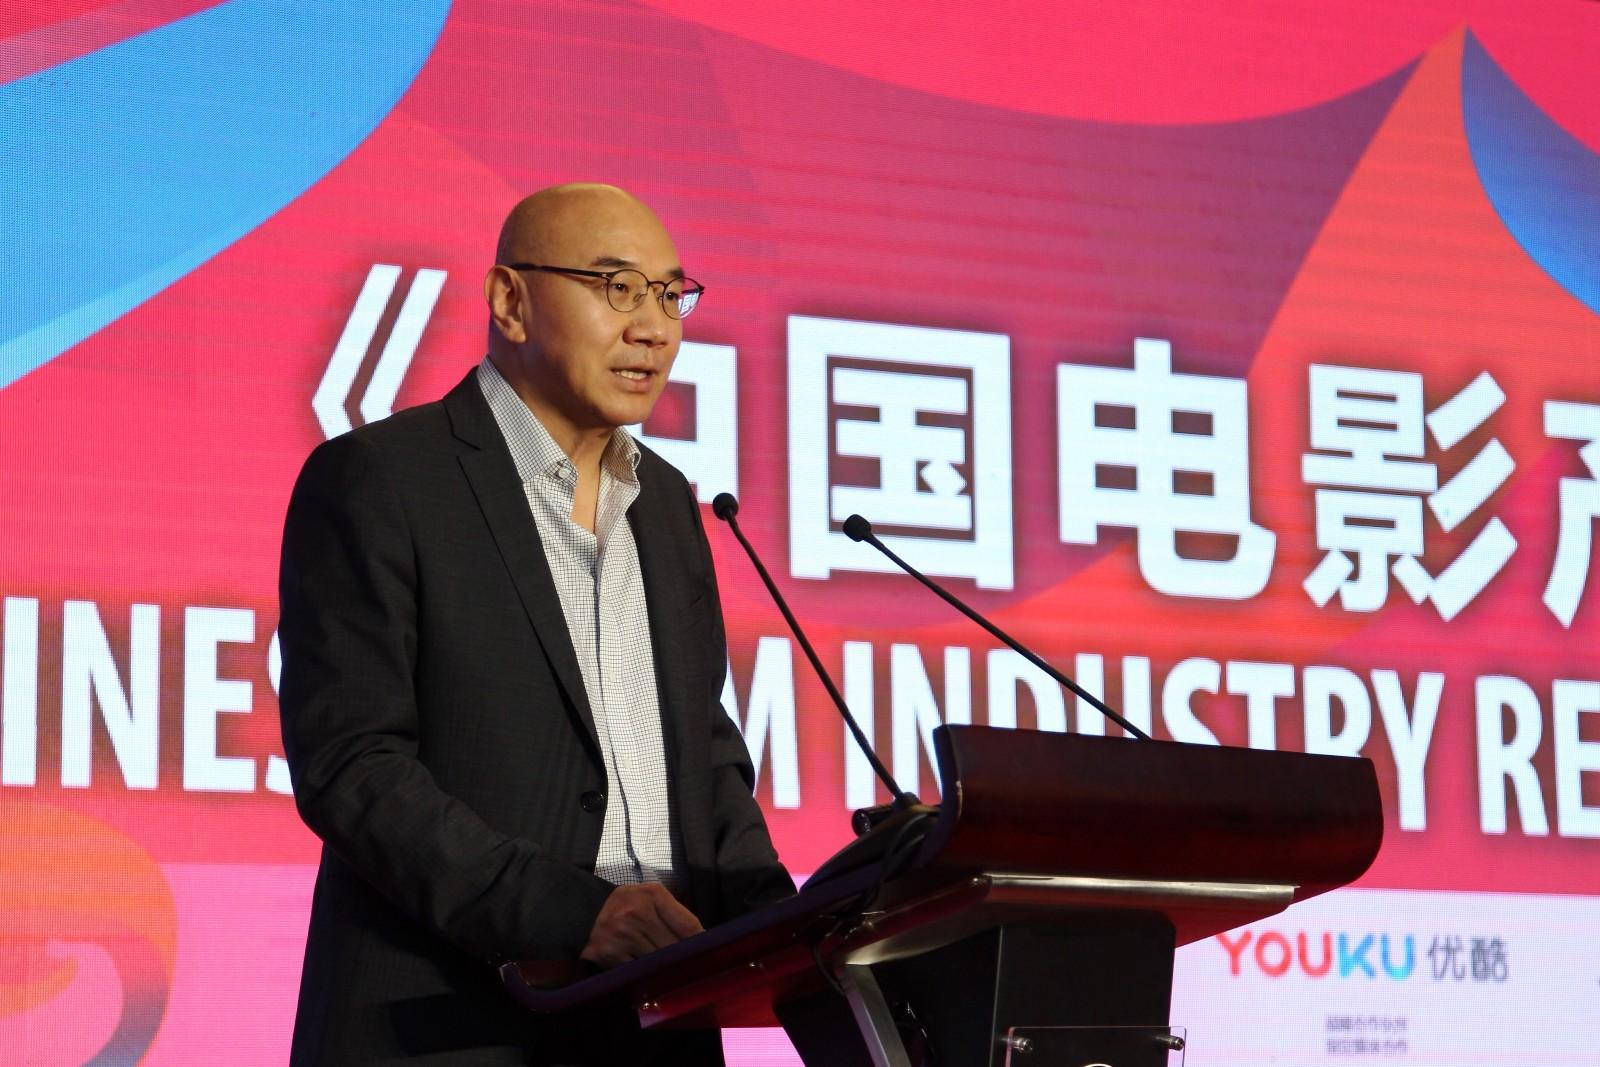 《2018中国电影产业研究报告》发布会《改革开放与中国电影》论坛